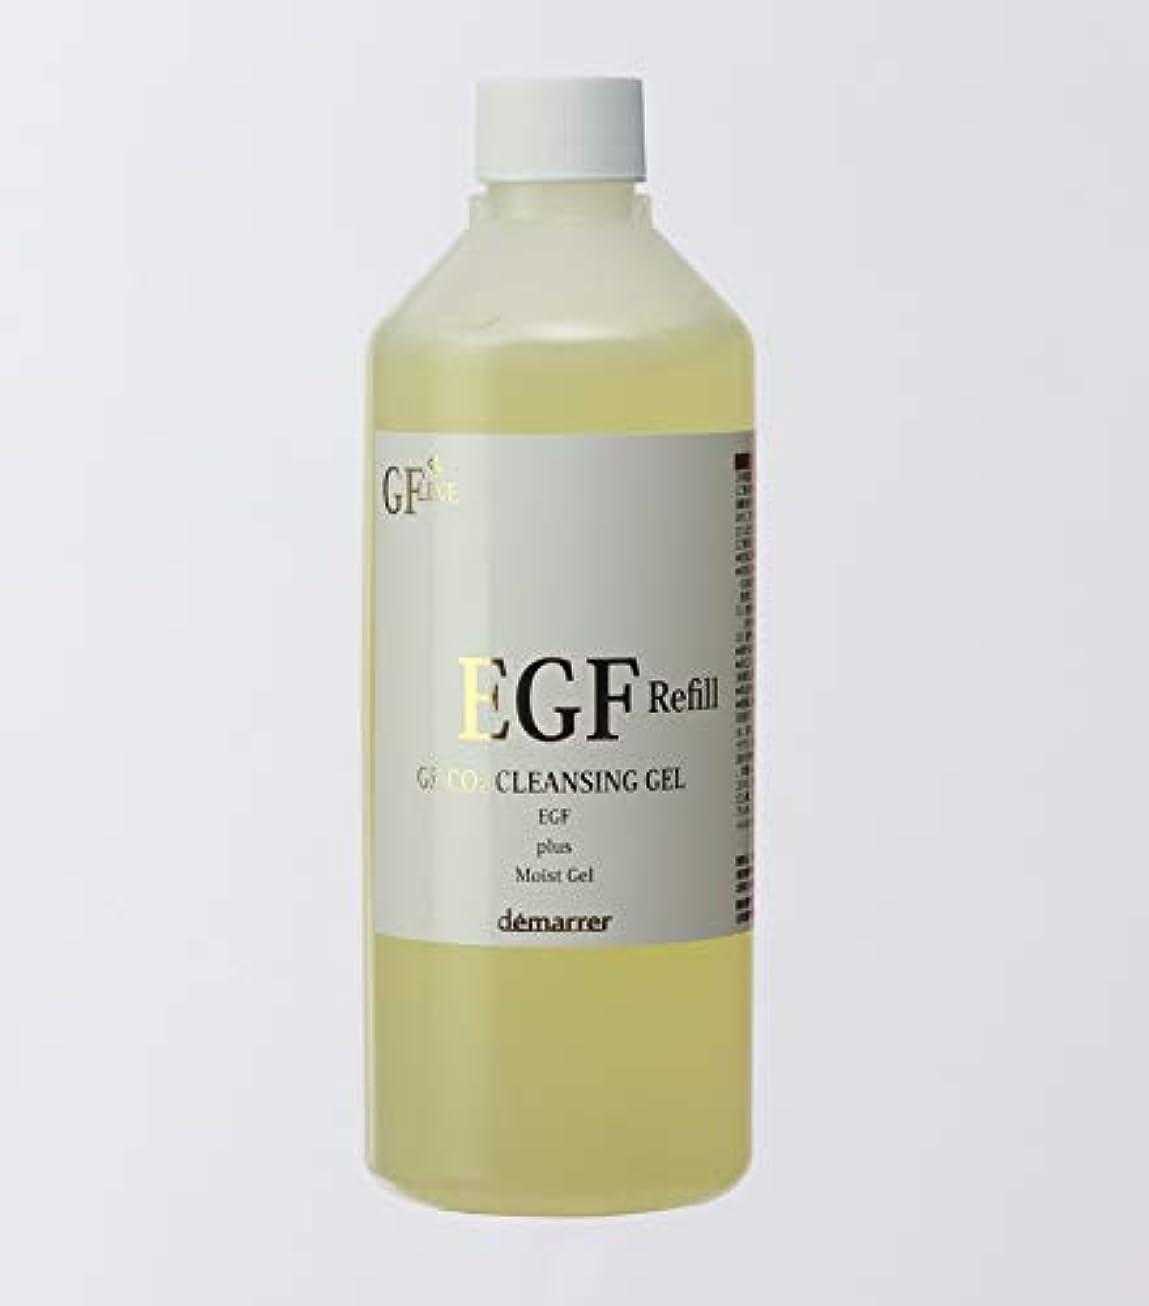 締め切り外出針デマレ GF 炭酸洗顔クレンジング 400g レフィル